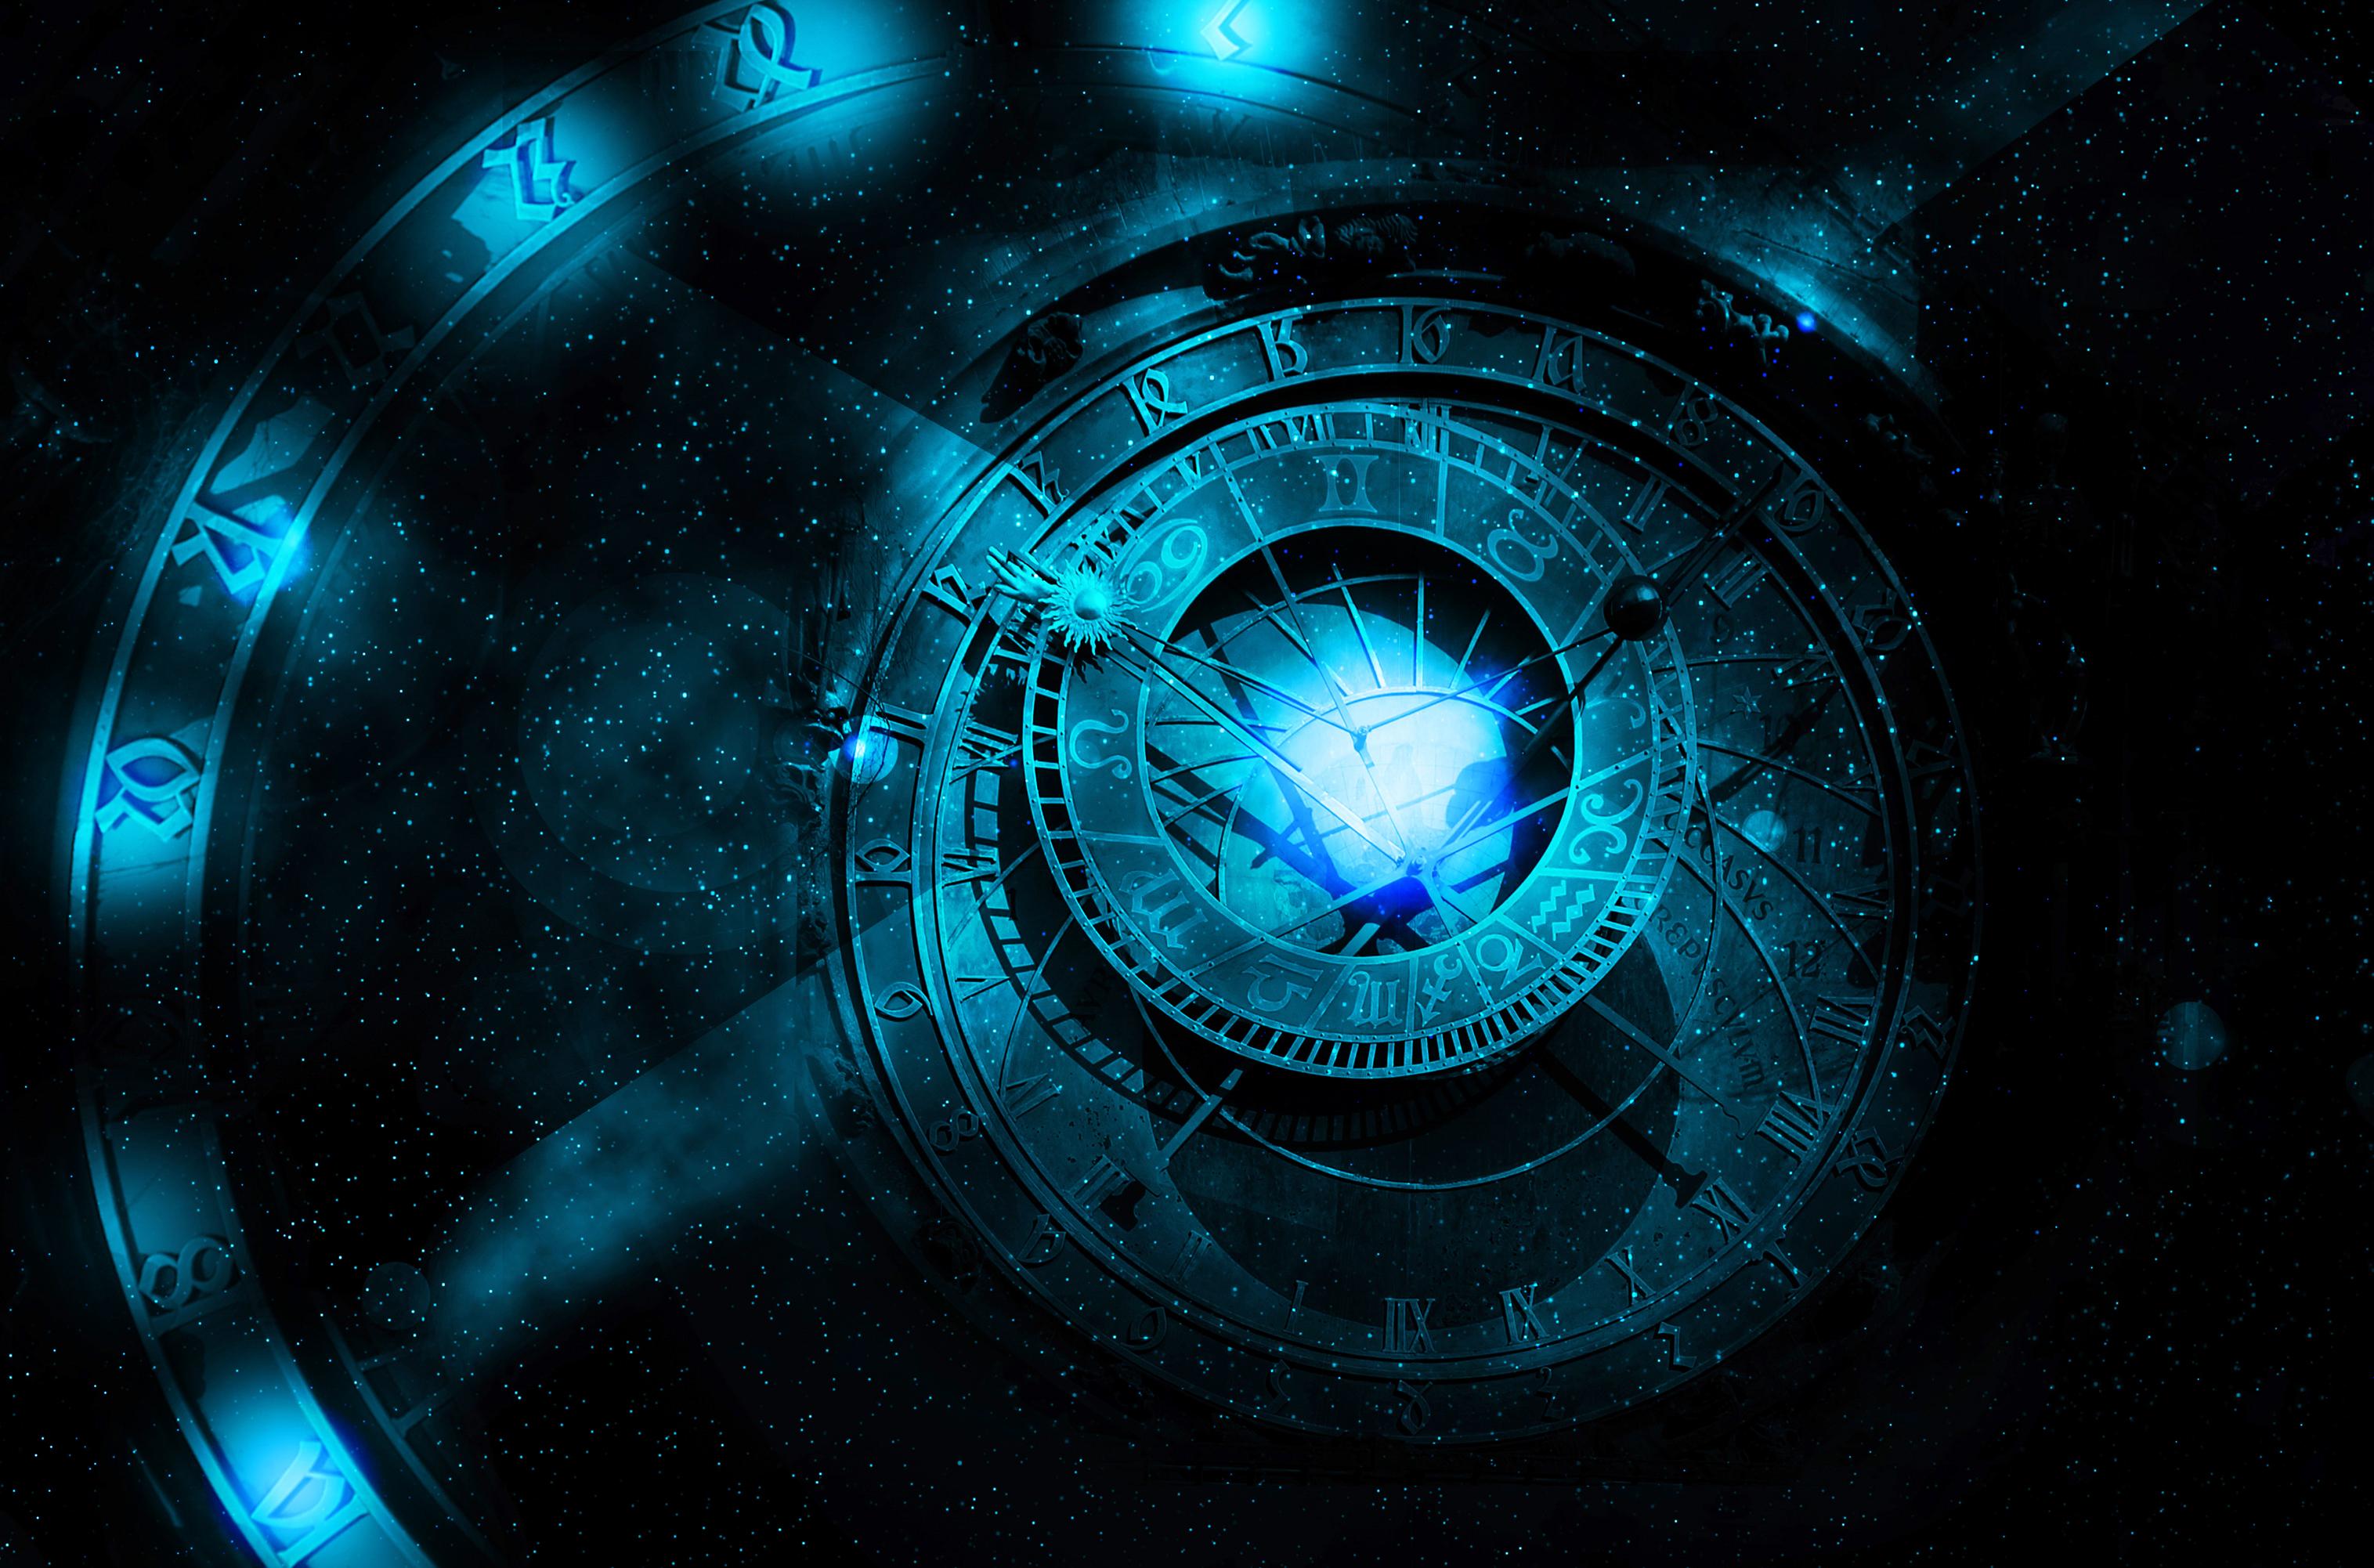 <p>Водолей</p>  <p>Имате силата да научавате всичко, което си наумите. Дори пътят да е дълъг и да е привидно невъзможен, всяко ново умение започва с една малка стъпка. Поемете обещание към себе си и научете това, което винаги ви е било интересно.&nbsp;&nbsp;</p>